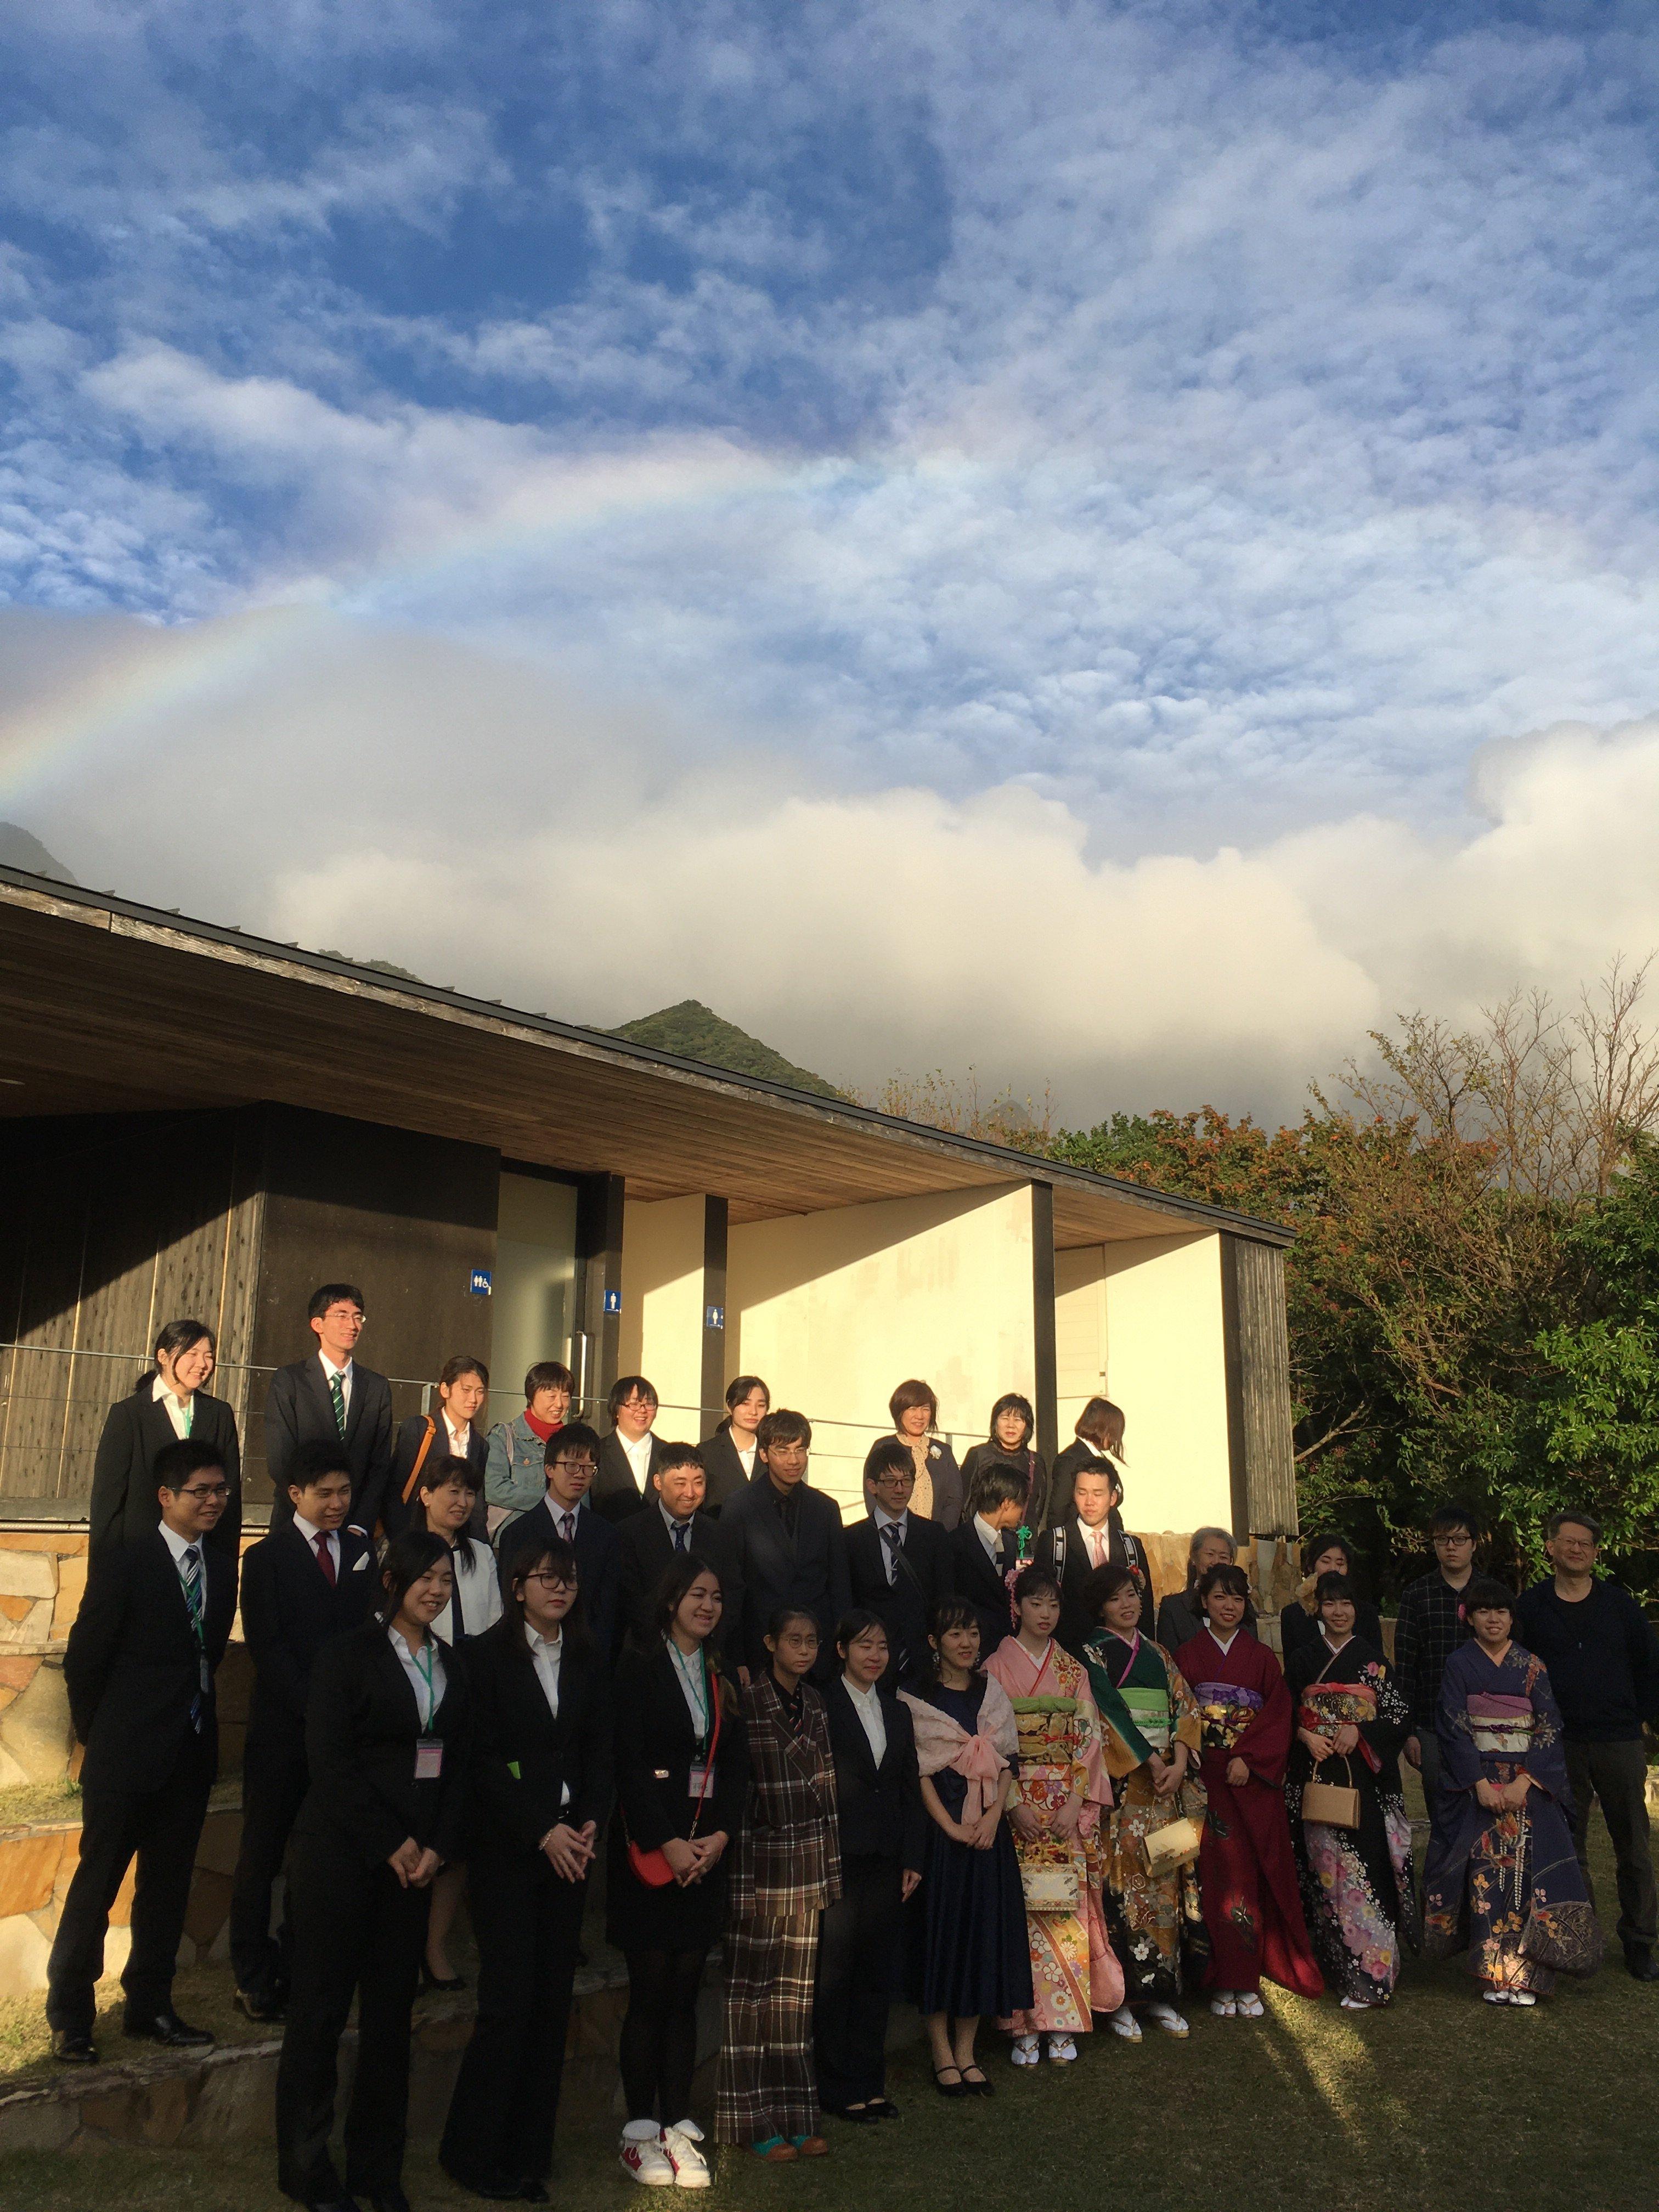 綺麗な虹が架かり成人を迎えた卒業生の新たな門出を祝ってくれました